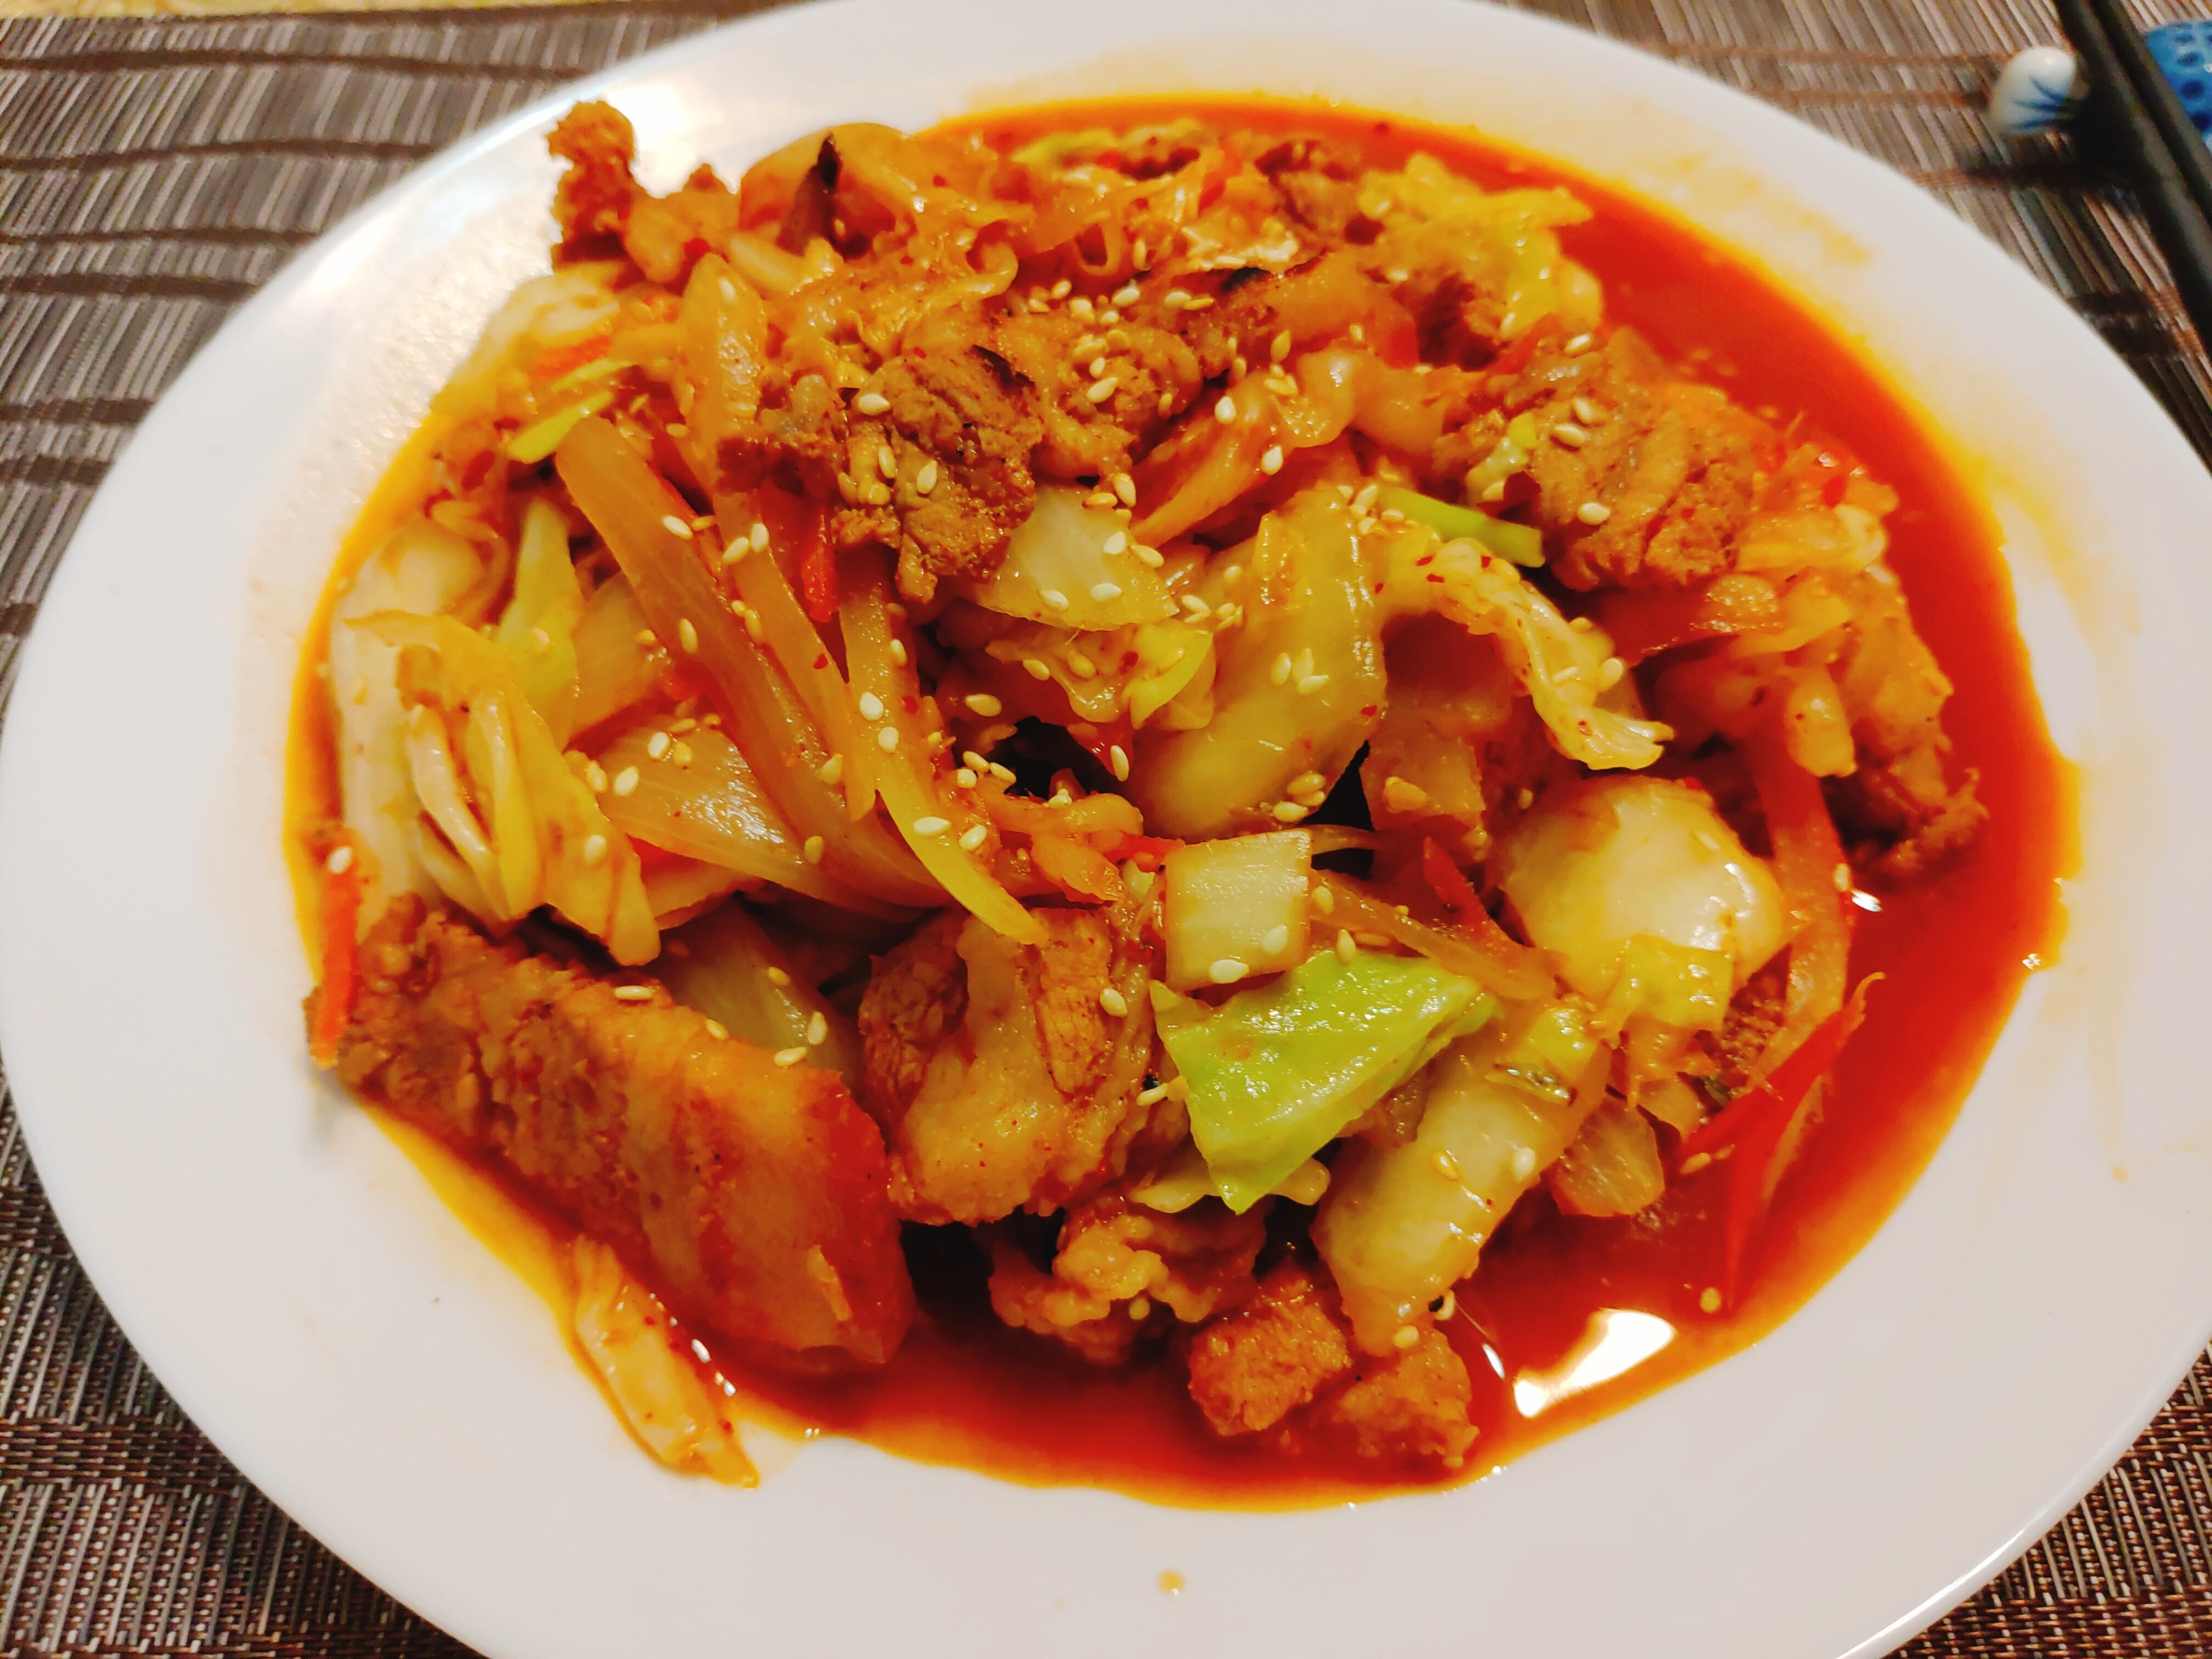 【食譜】韓式泡菜燒肉|韓式料理簡單在家做